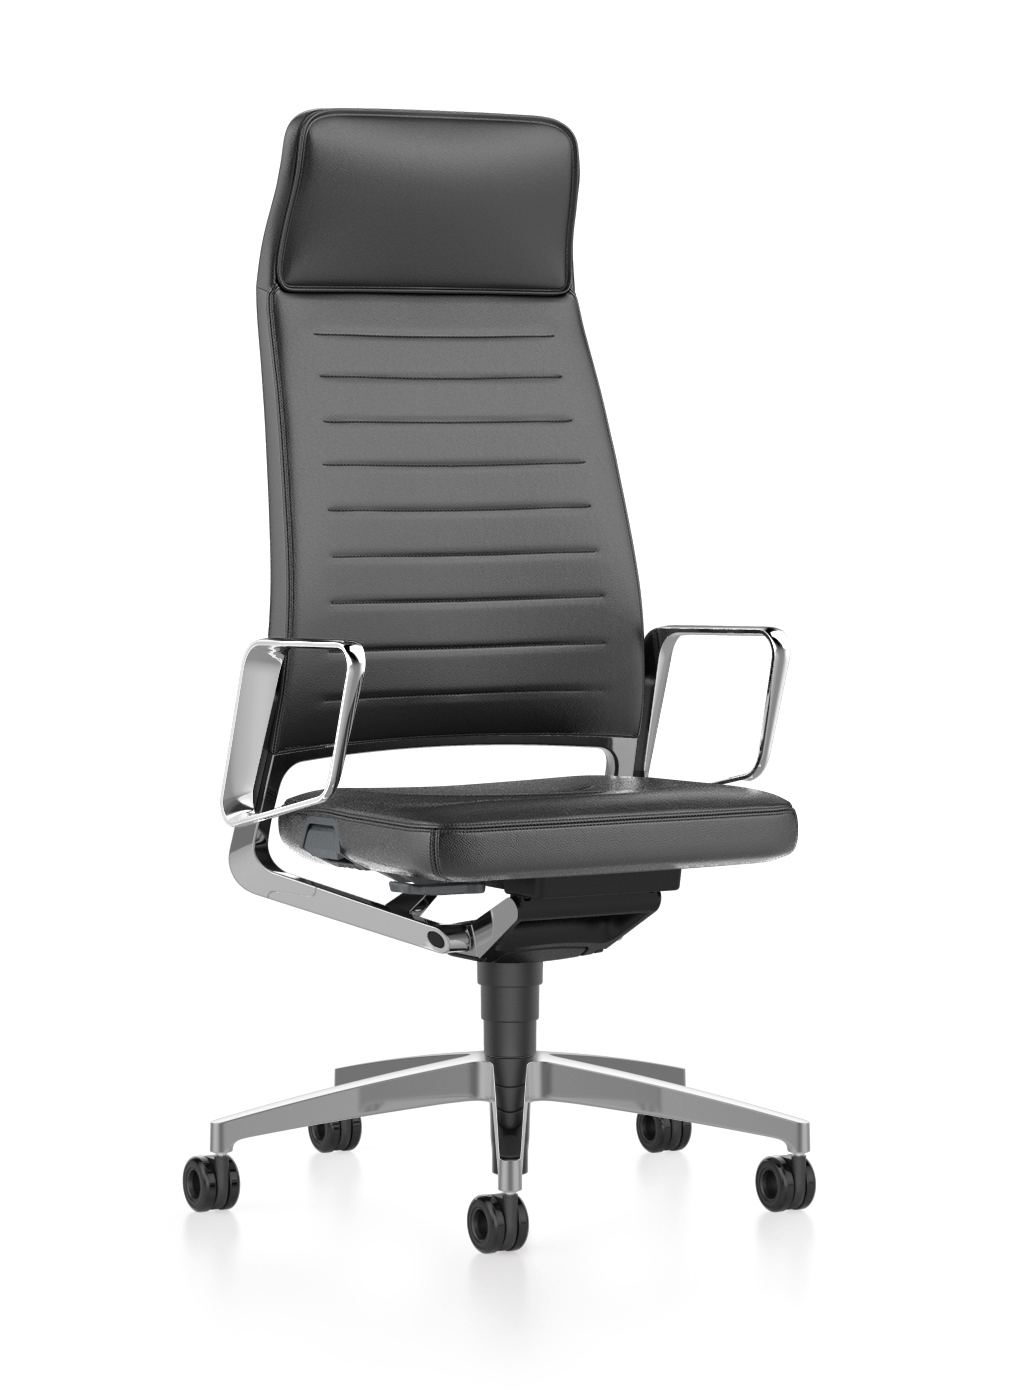 interstuhl vintageis5 up kantoorinrichting luxe bureaustoelen. Black Bedroom Furniture Sets. Home Design Ideas